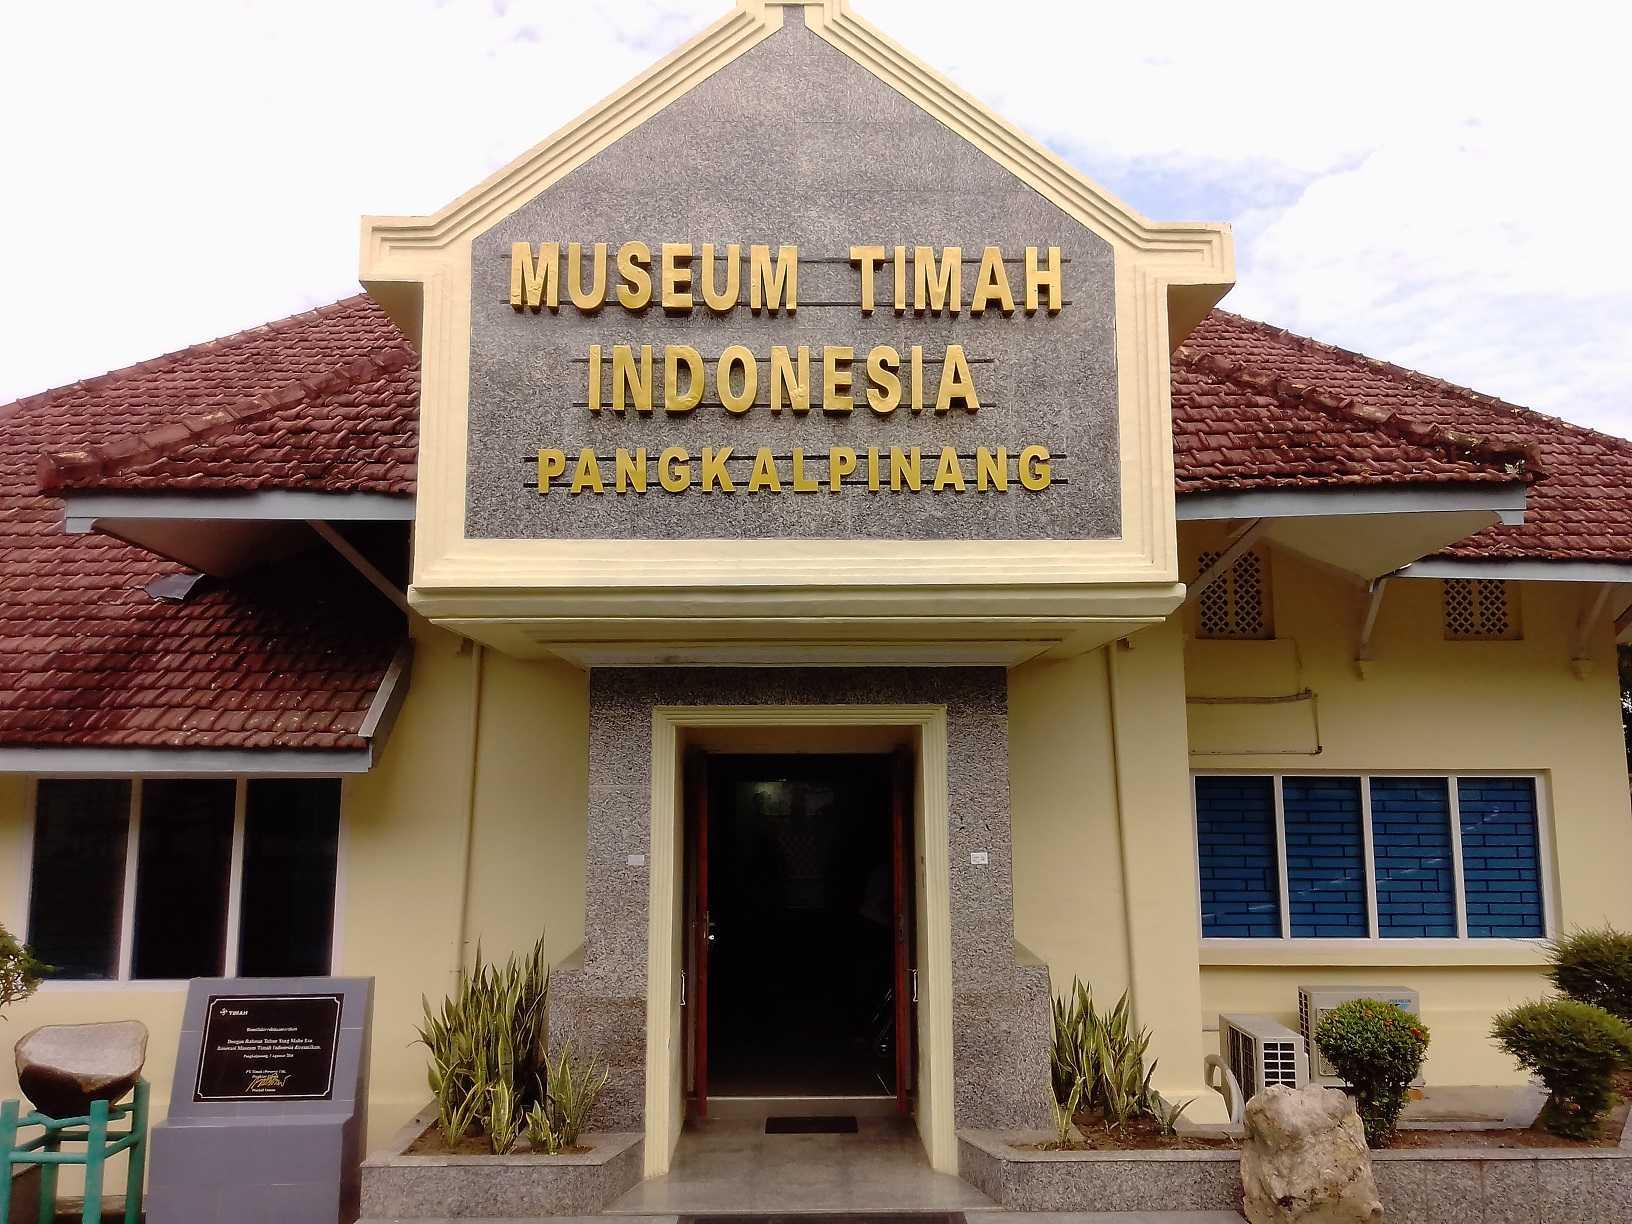 Menelusuri Warisan Sejarah Museum Timah Indonesia Pangkal Pinang Oleh Sharfina